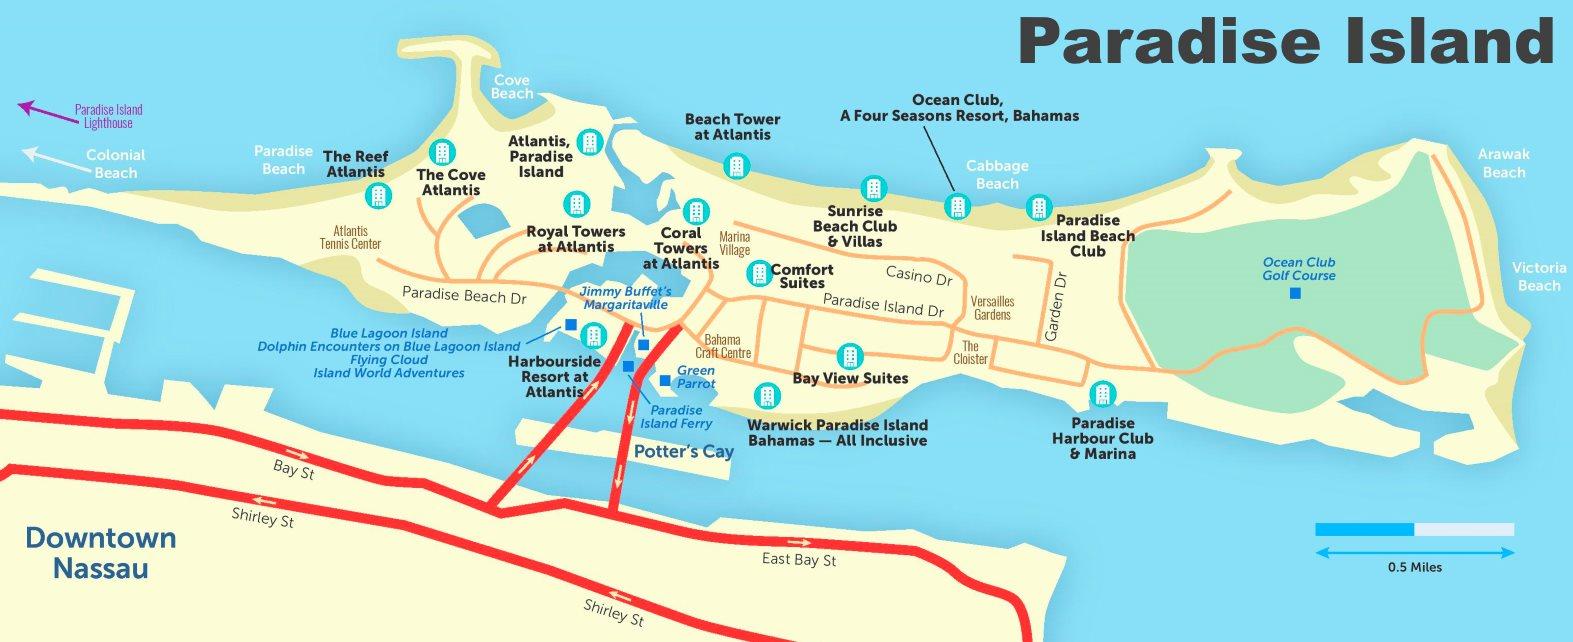 map of paradise island bahamas Paradise Island Hotels And Beaches Map map of paradise island bahamas